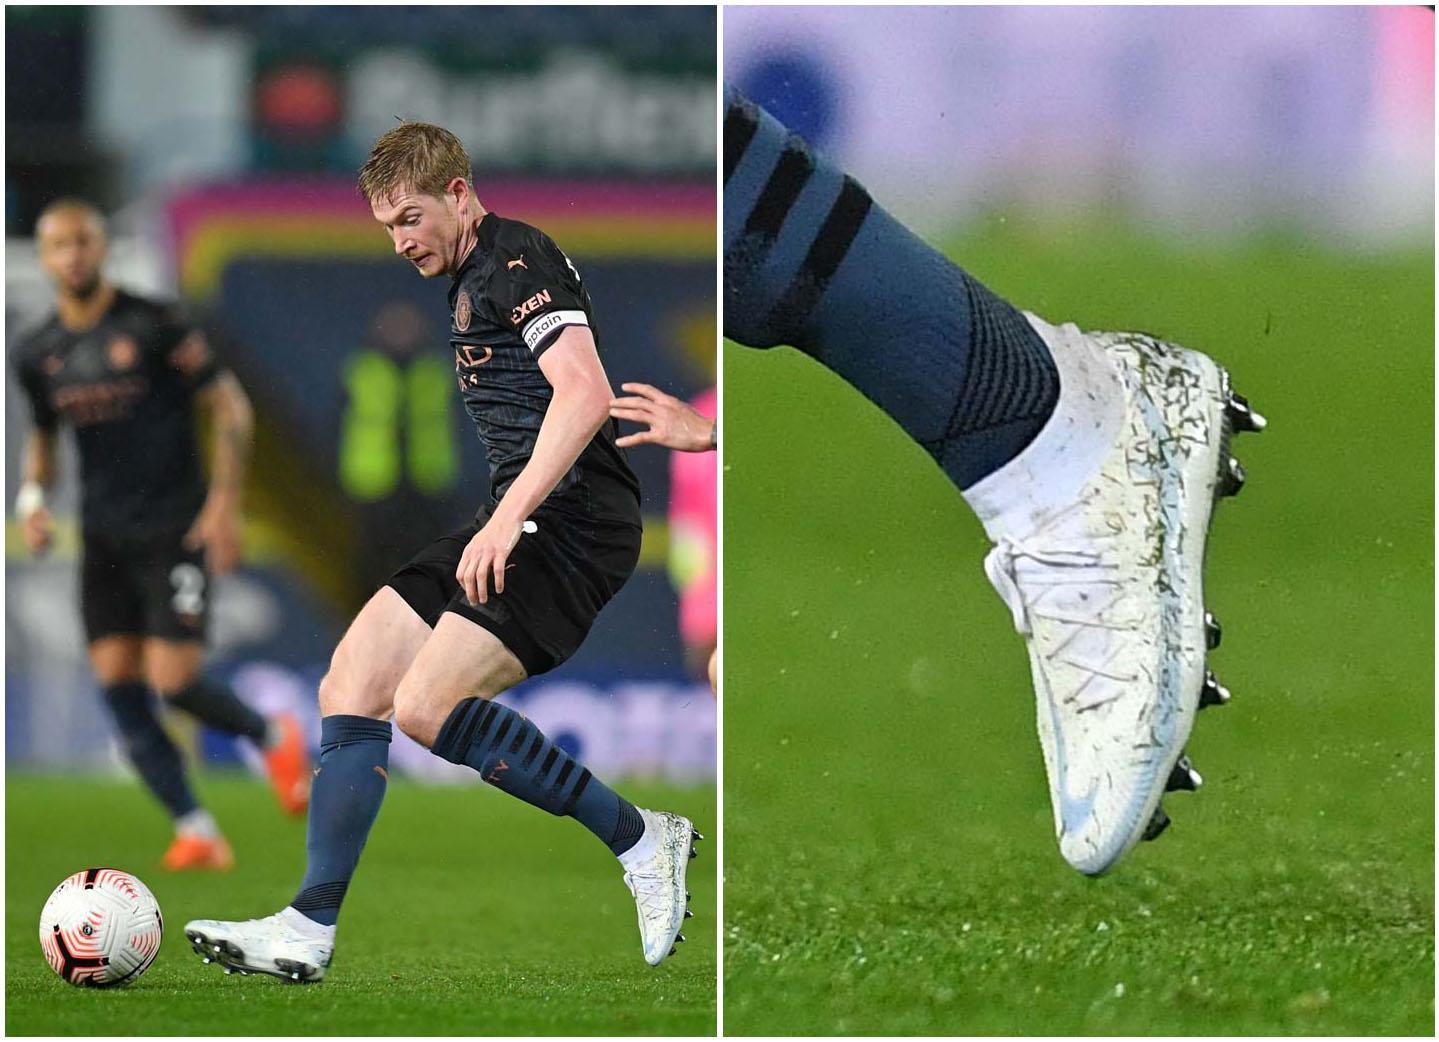 Kevin De Bruyne (Manchester City) tuần qua mang giày Nike Phantom GT màu trắng độc lạ